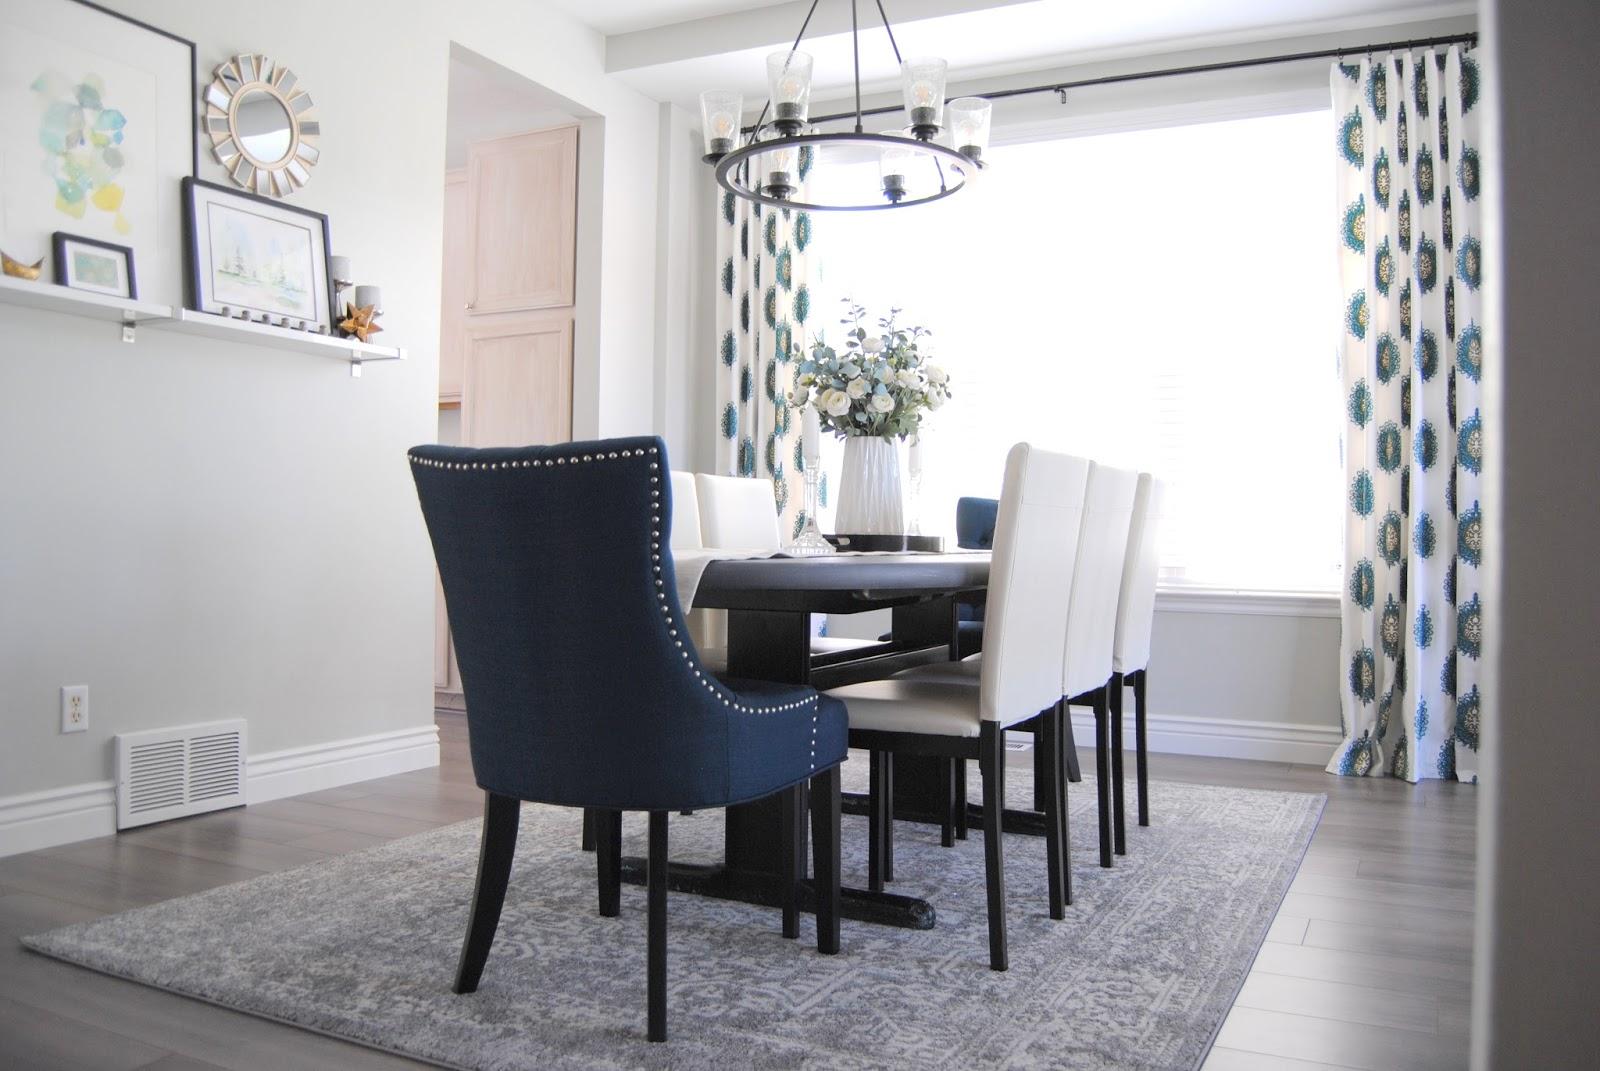 Studio 7 Interior Design: Dining Room Reveal